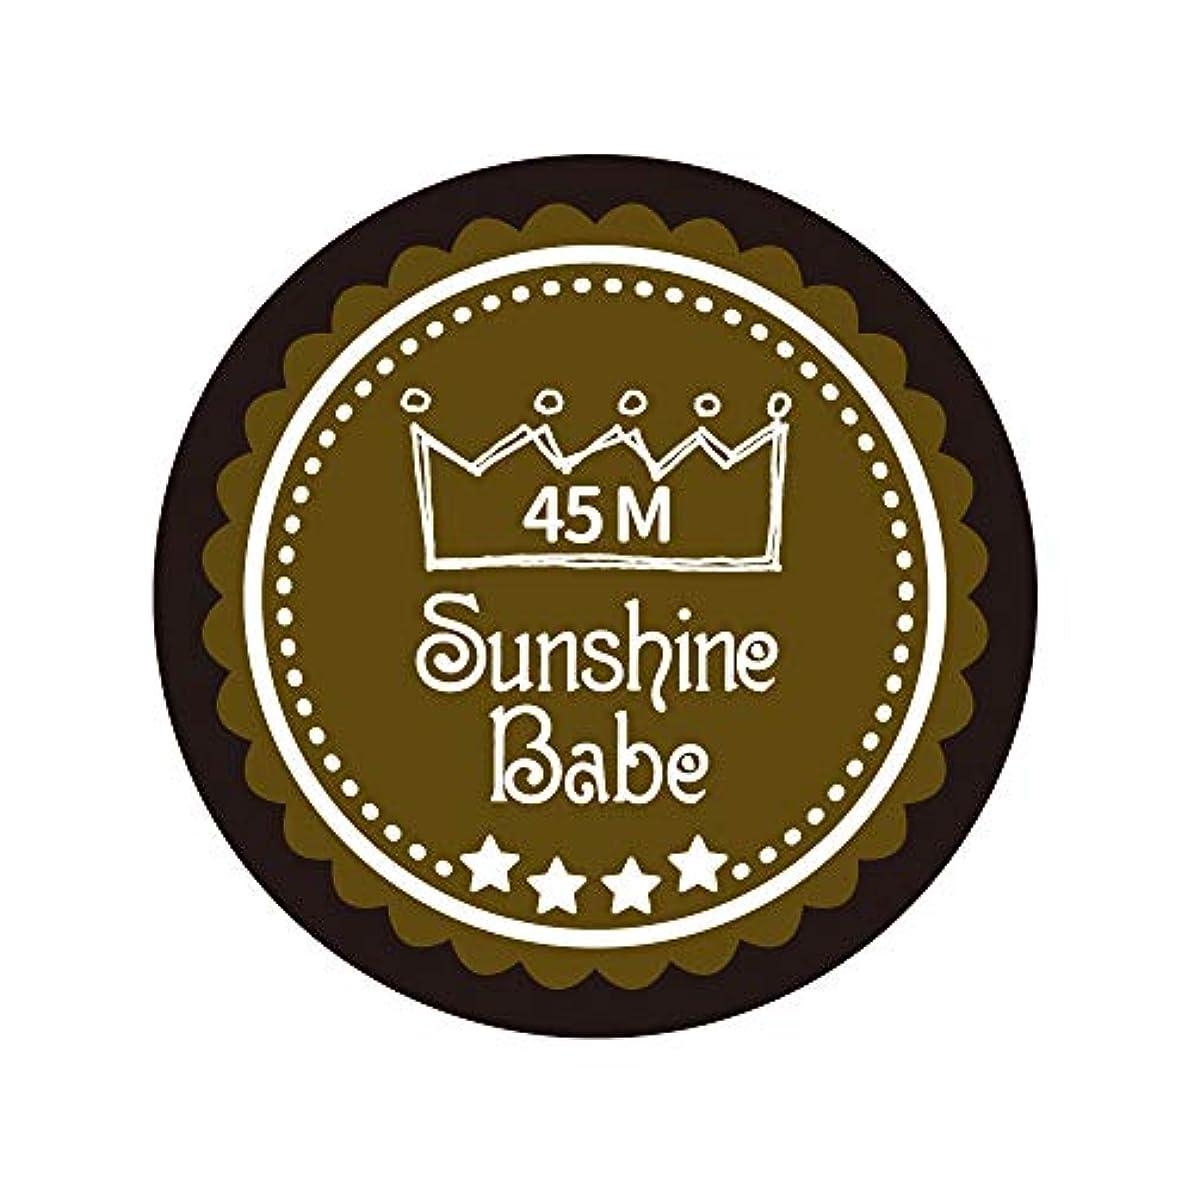 宙返り流星柔らかさSunshine Babe カラージェル 45M マティーニオリーブ 4g UV/LED対応